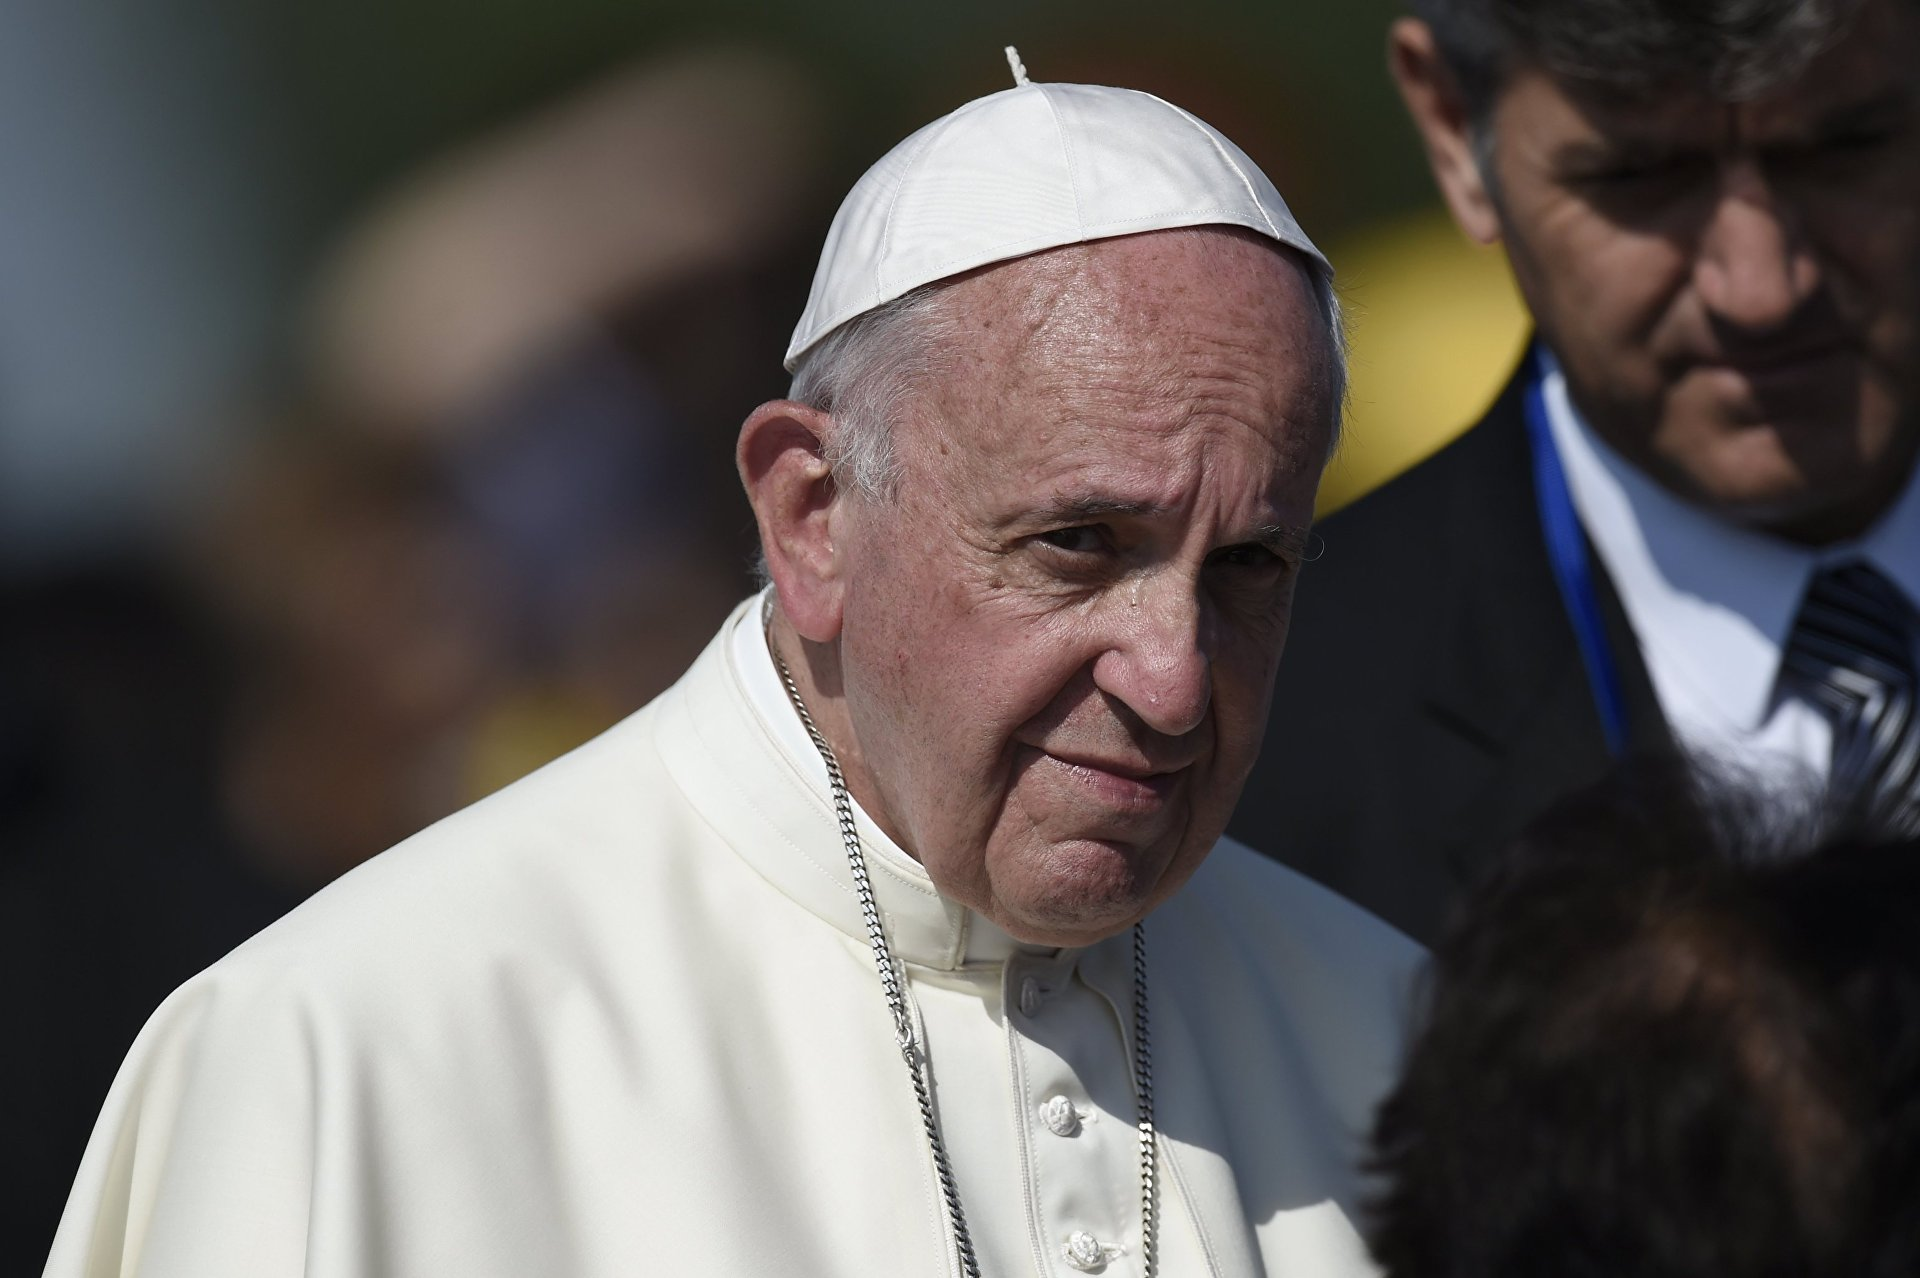 Прикольные картинки о папе римскому, скорую руку своими